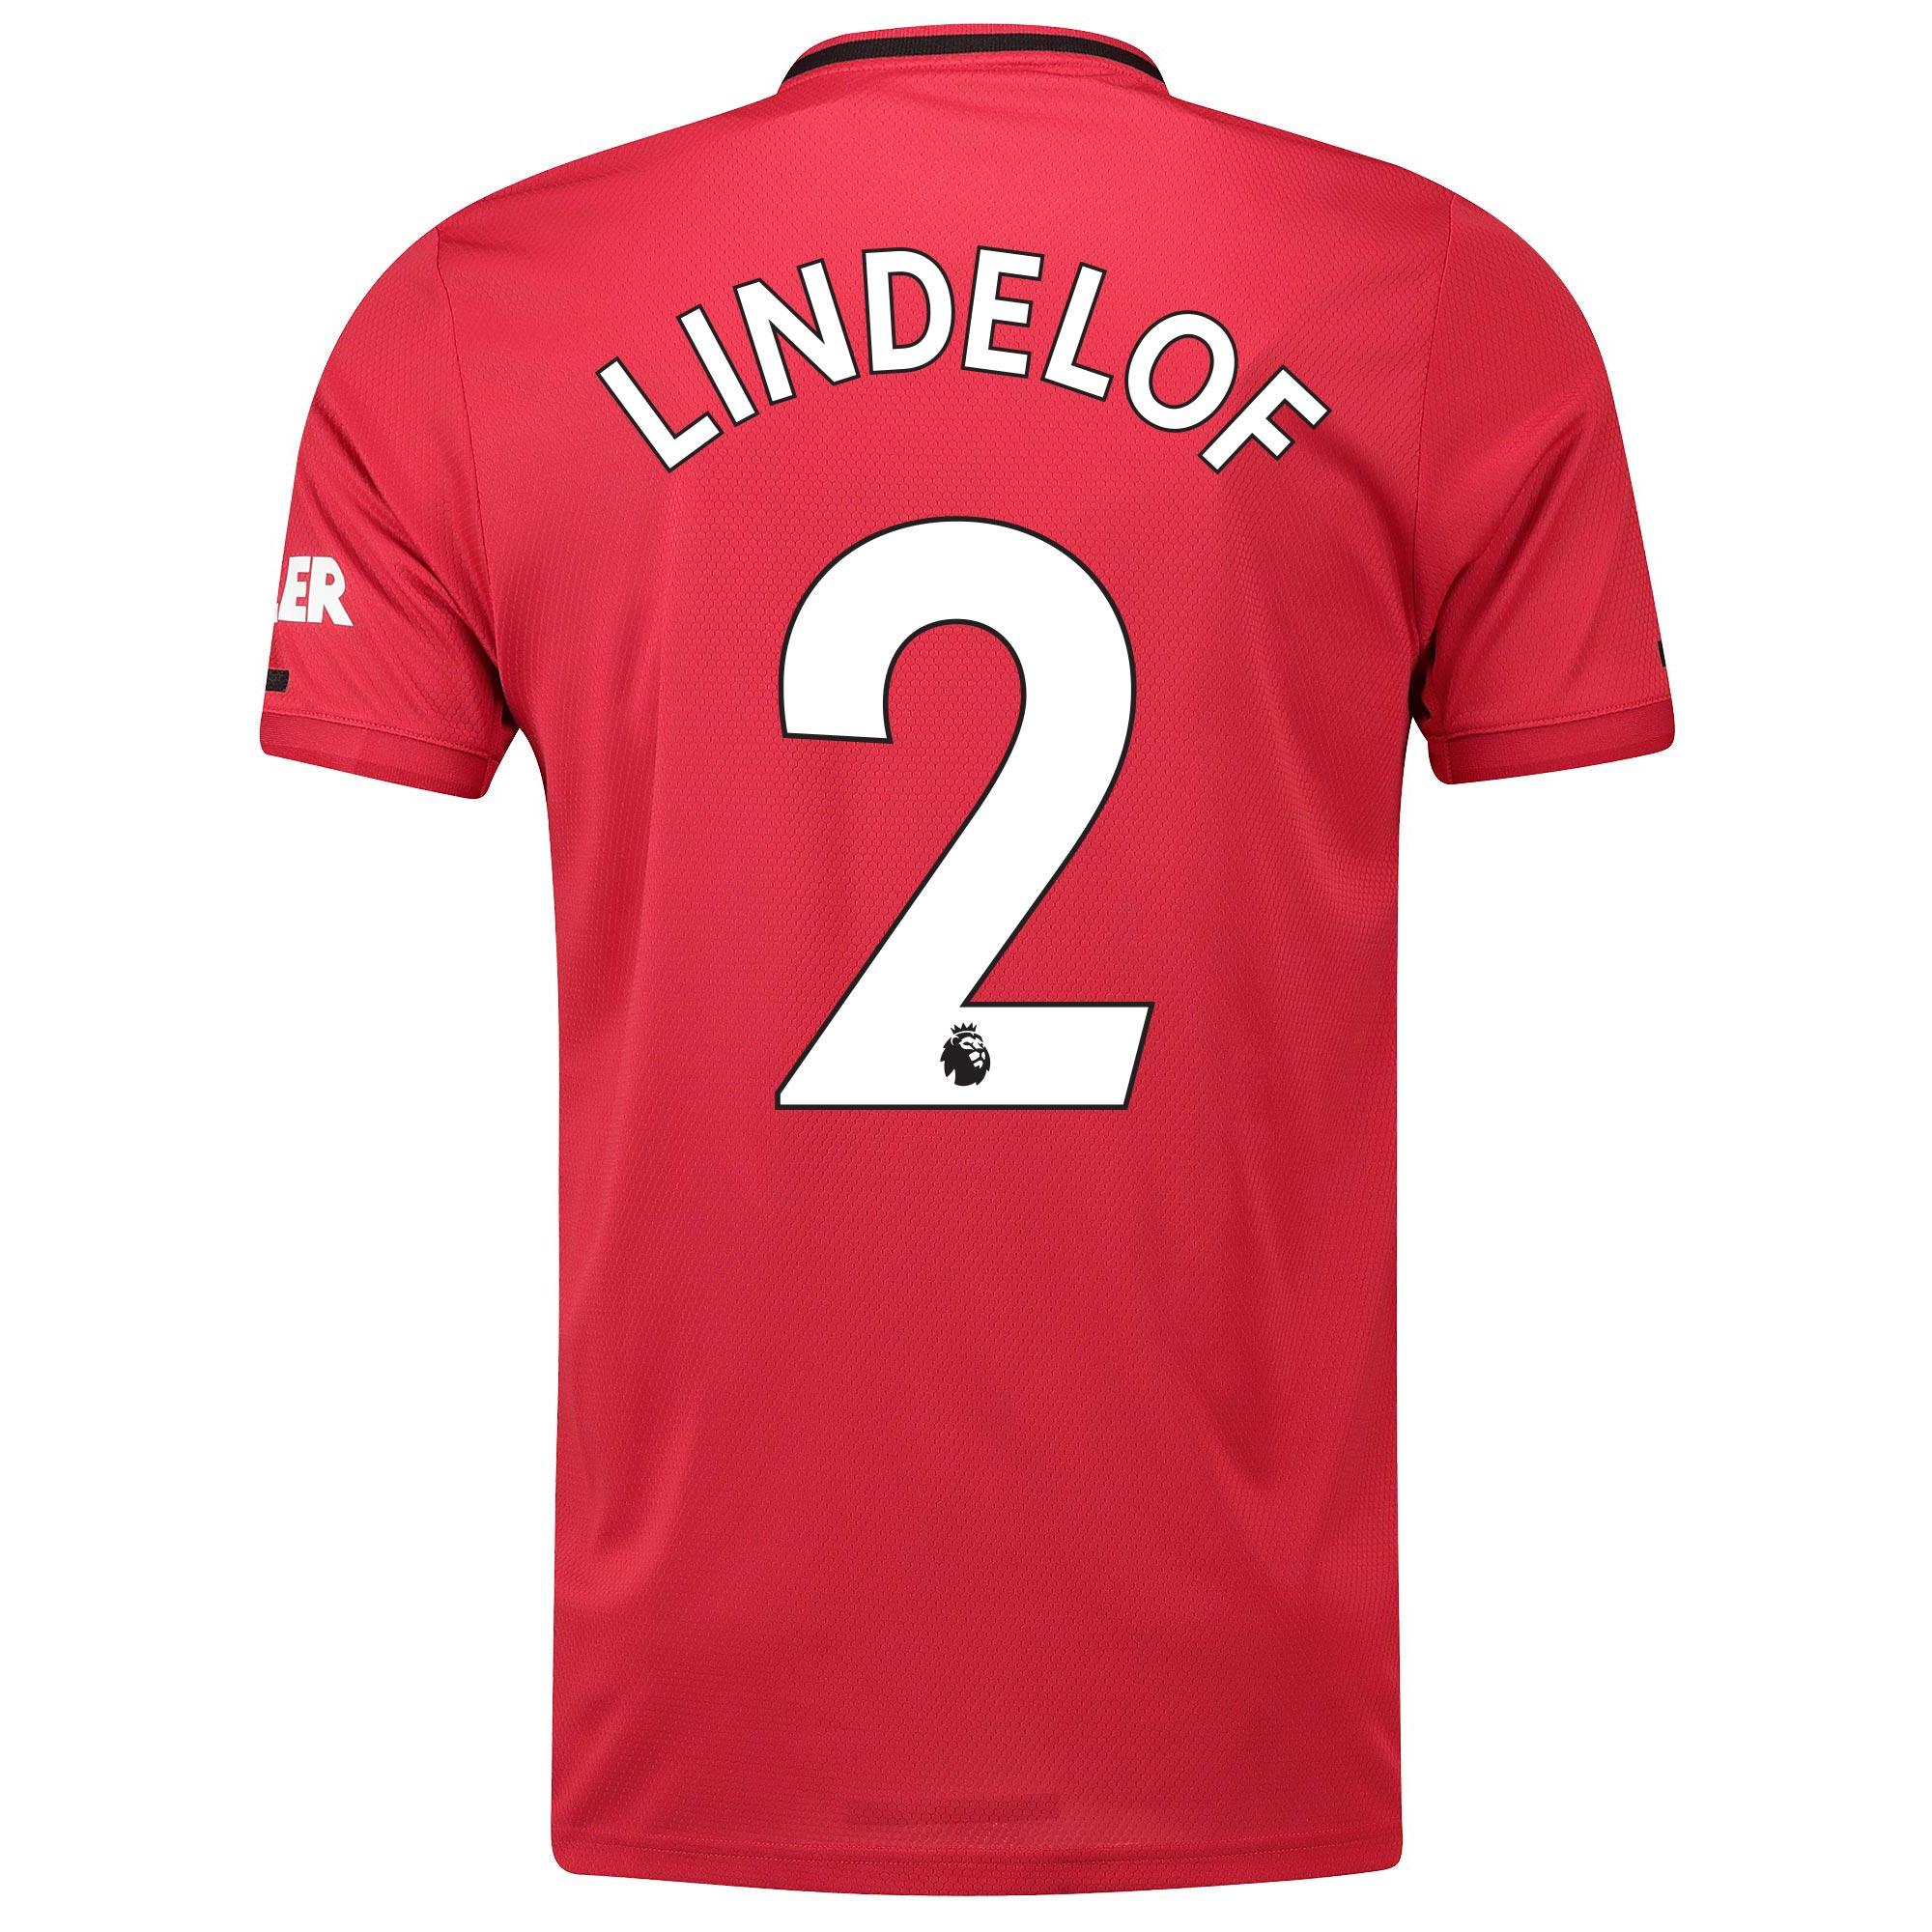 マンチェスター ユナイテッド ホーム シャツ 2019-20 - Lindelof 2